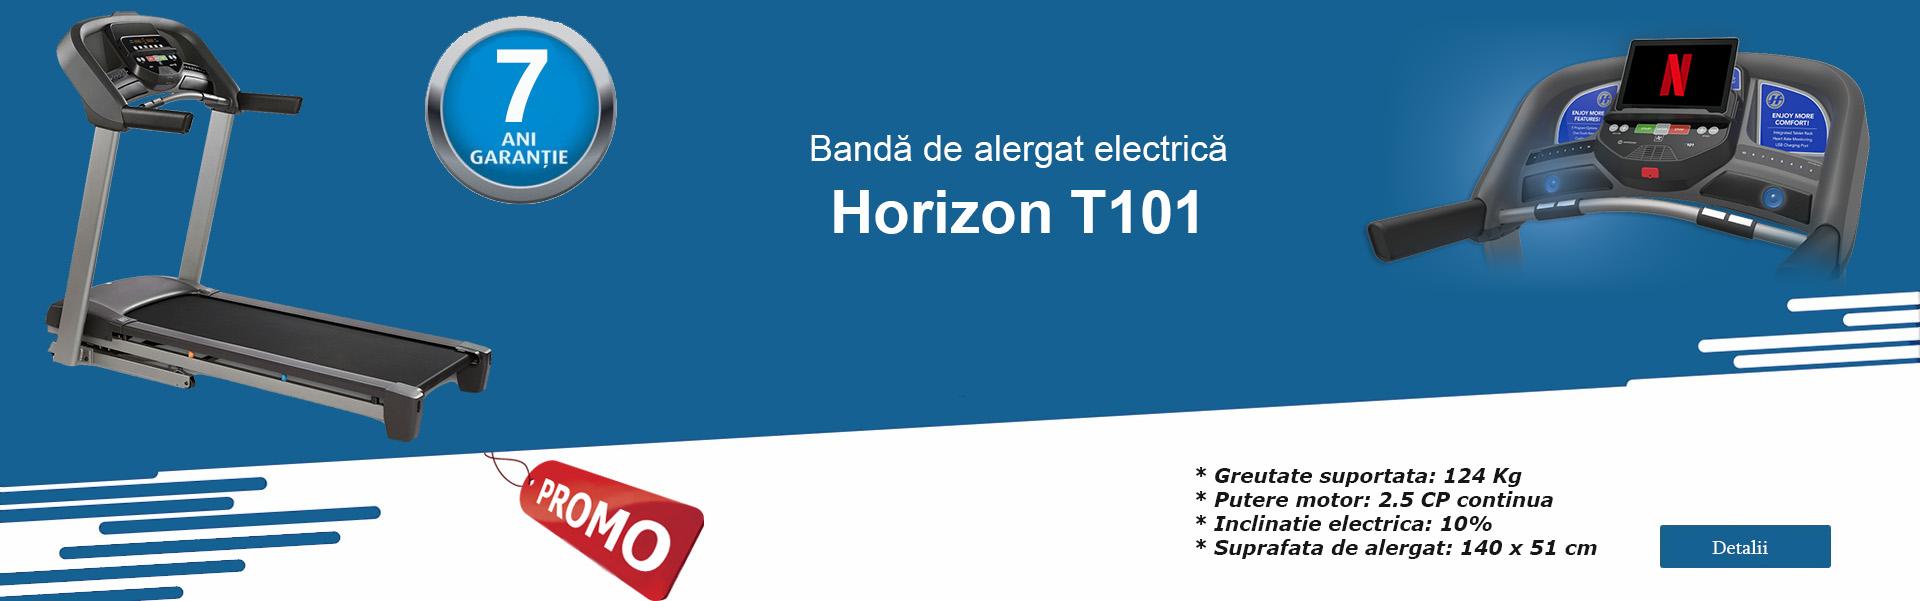 Horizon T101